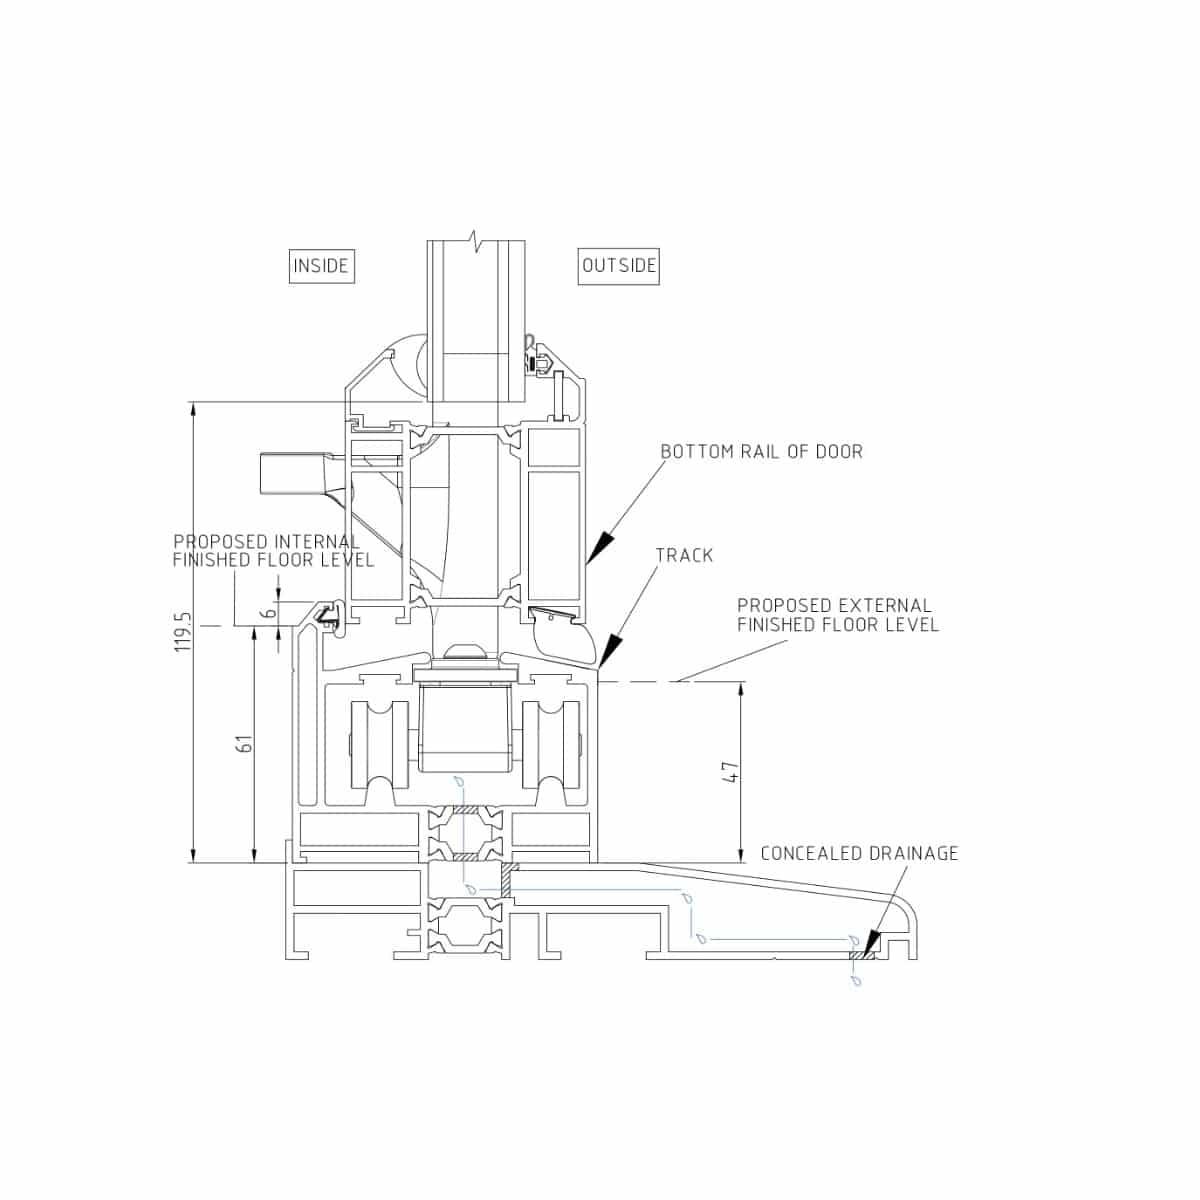 Door Cill Detail 58BD Cill Detail Low Threshold Sc 1 Q  sc 1 st  Mrsilva.us & Entry Door Threshold Detail - home decor - Mrsilva.us